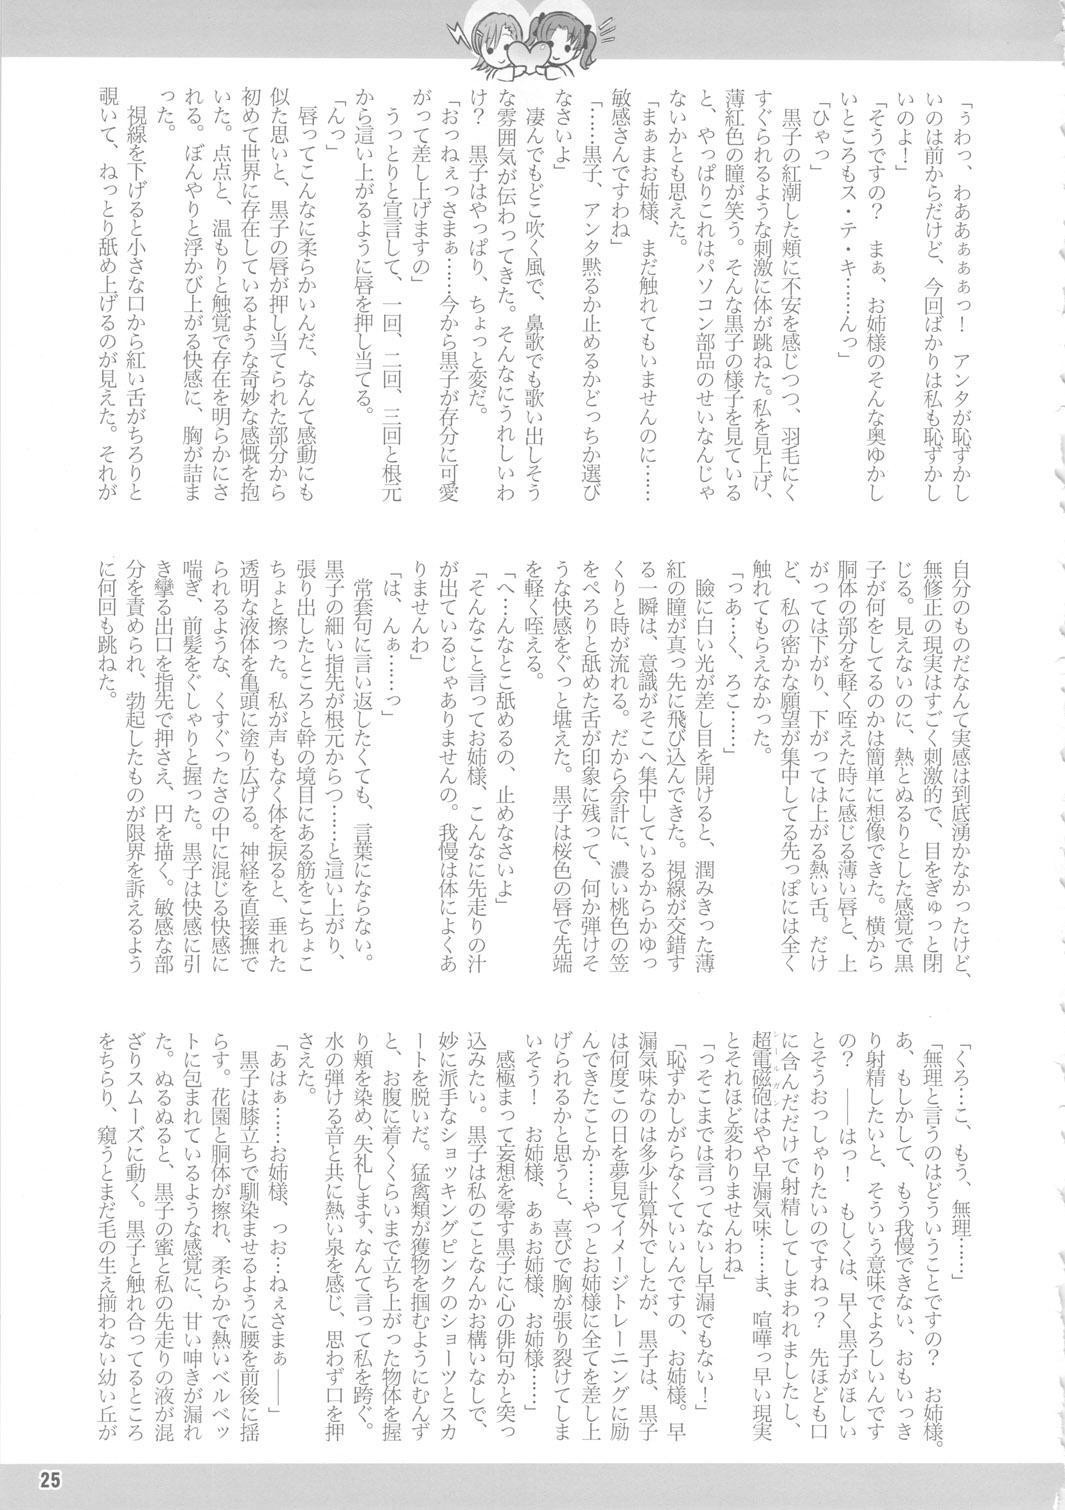 (C78) [Arsenothelus (Rebis)] Toaru Kuroko no Mikoto Kanzen Kouryaku (Toaru Kagaku no Railgun) [English] <desudesu> 23